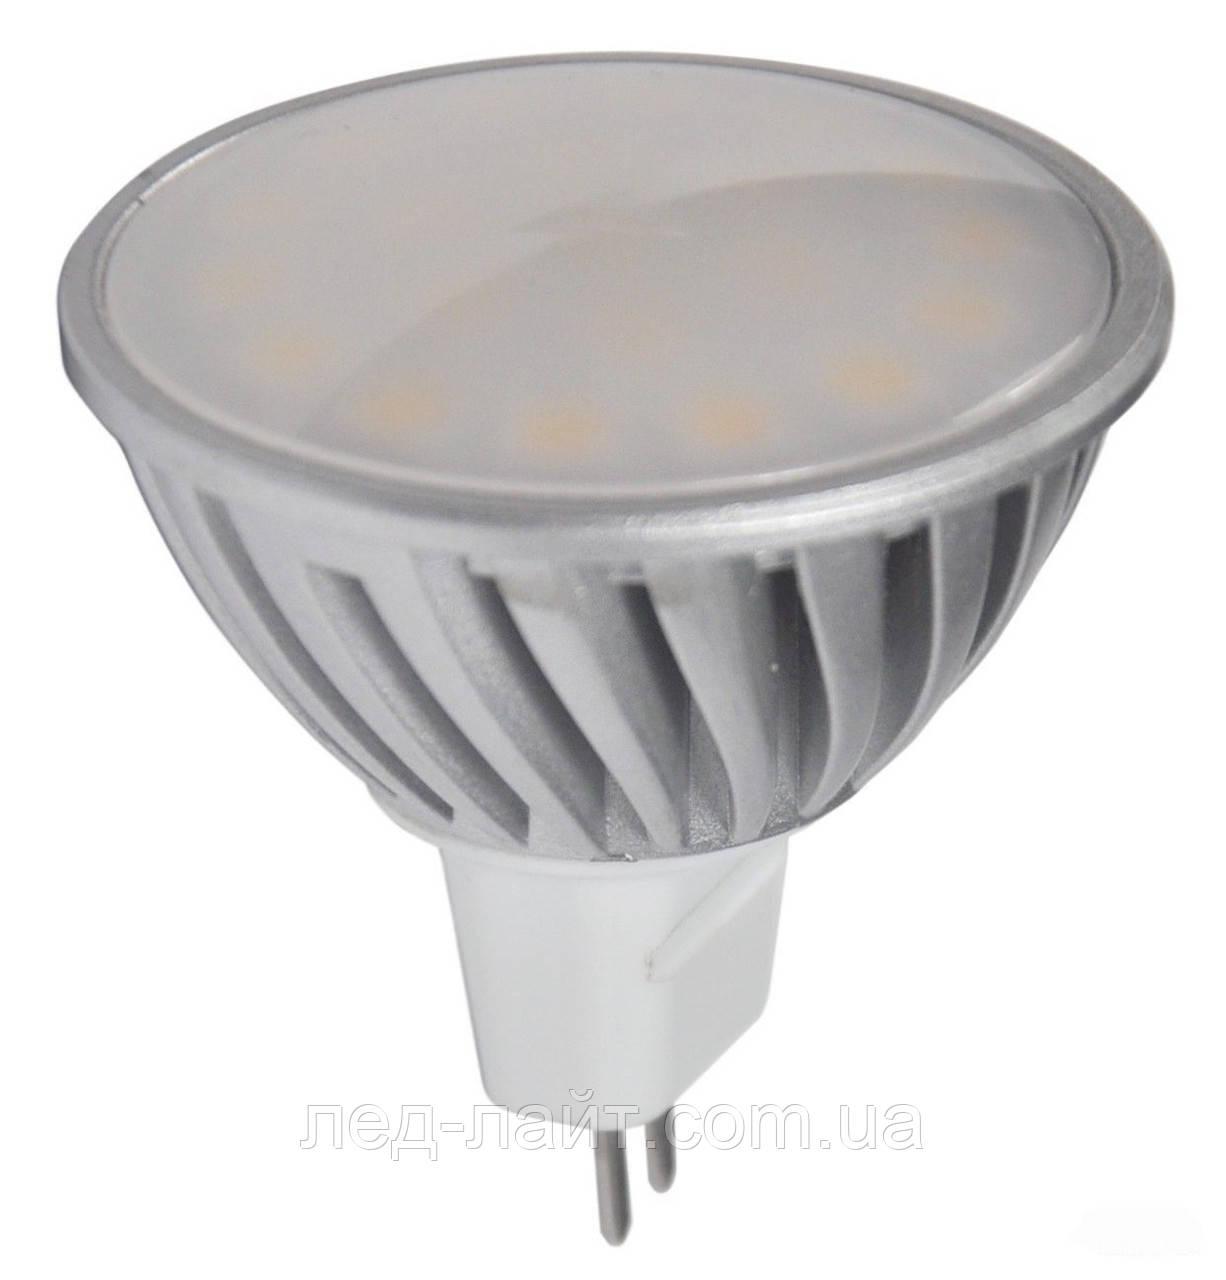 Лампа светодиодная MR16 7Вт 4100K 220В GU5.3